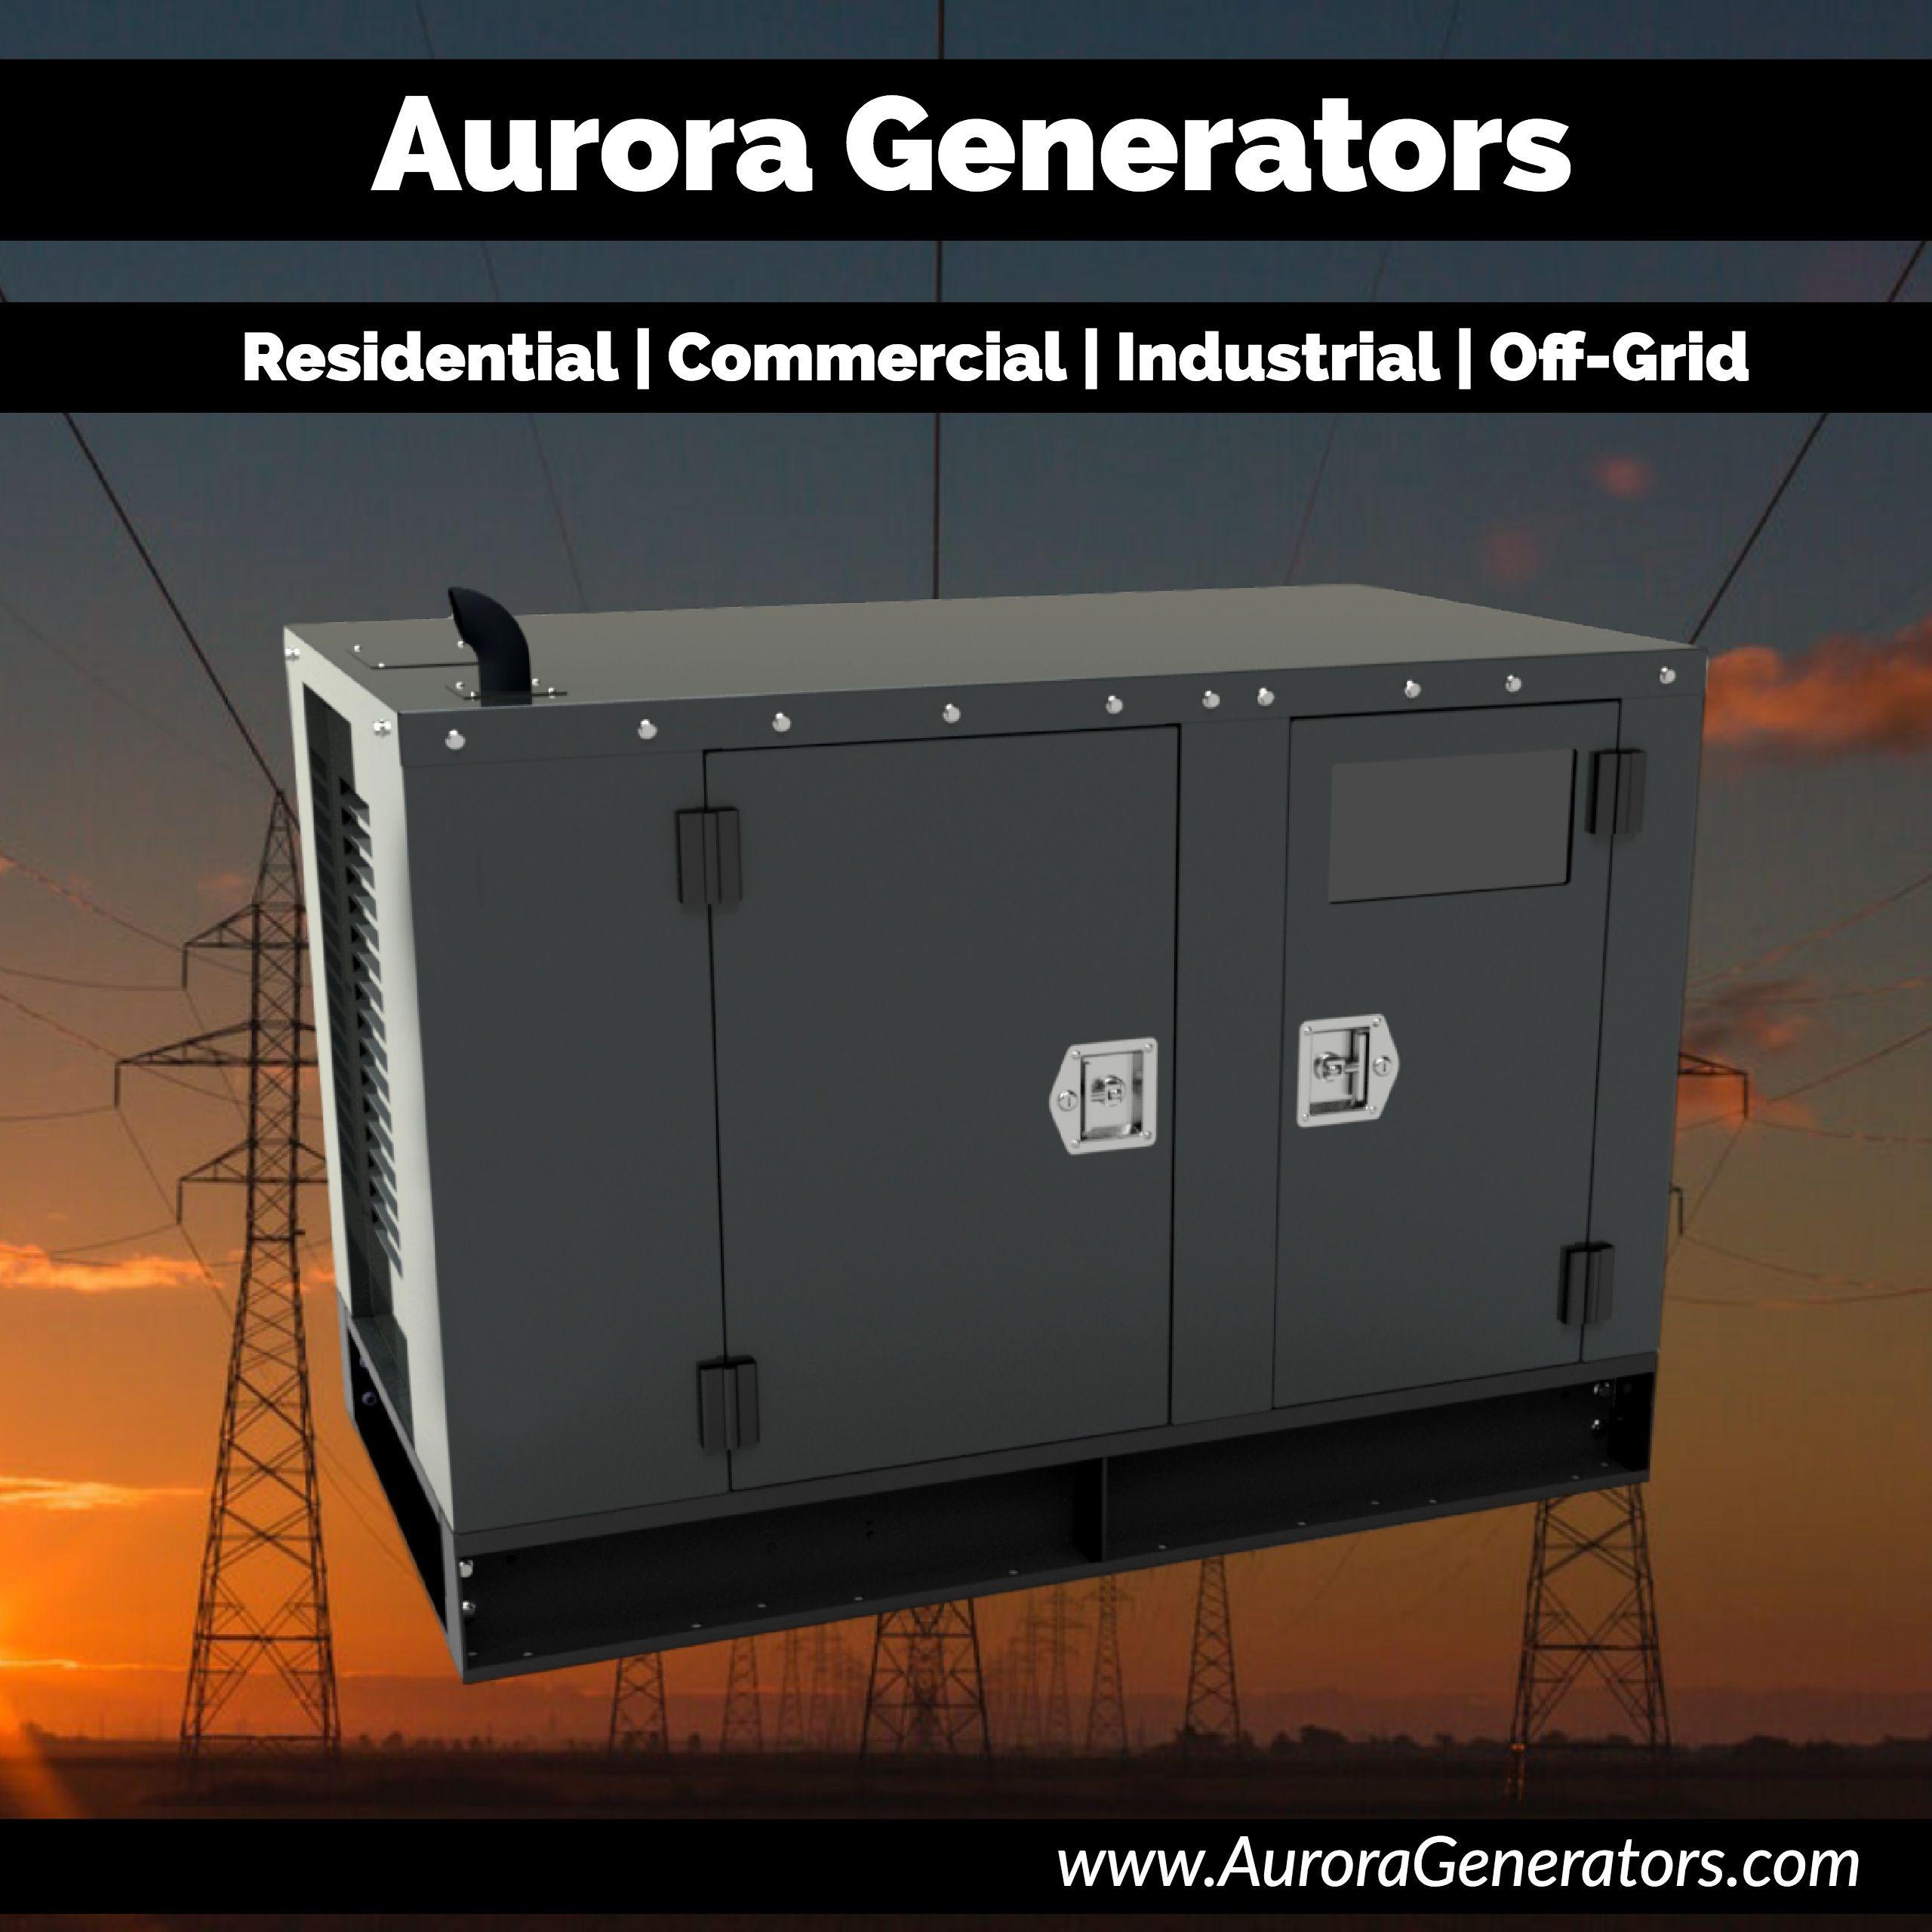 Quiet Clean Long Lasting Diesel Generators Aurora Generators Are Powered By Perkins Engines Pow Diesel Generators Generator House Locker Storage